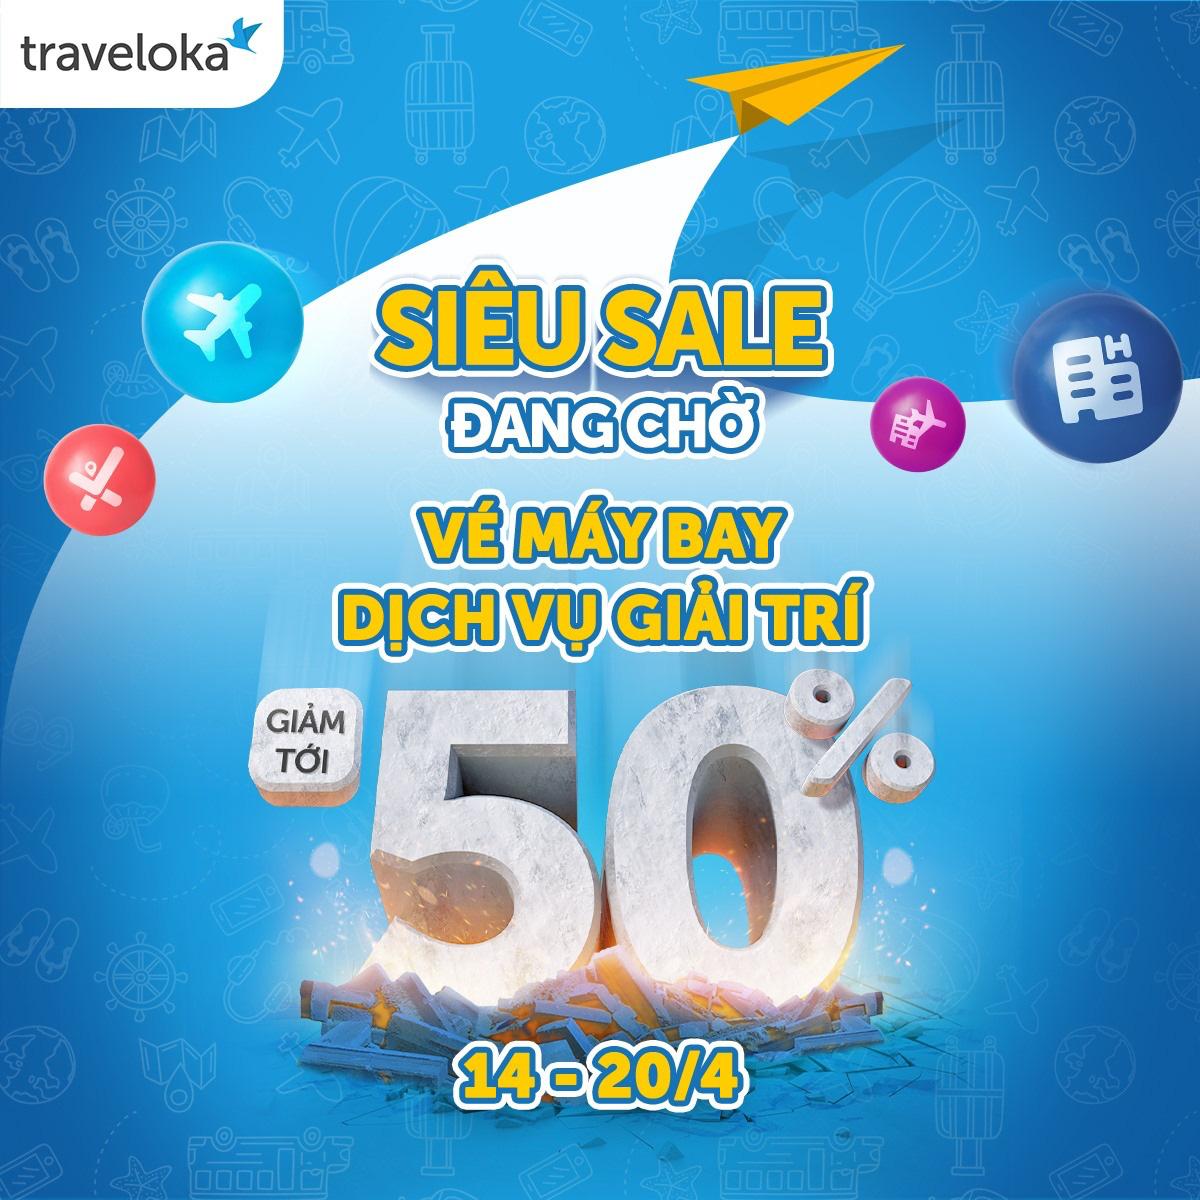 Traveloka EPIC Sale 2021 tái xuất, vạn deal chất ngất - Ảnh 3.